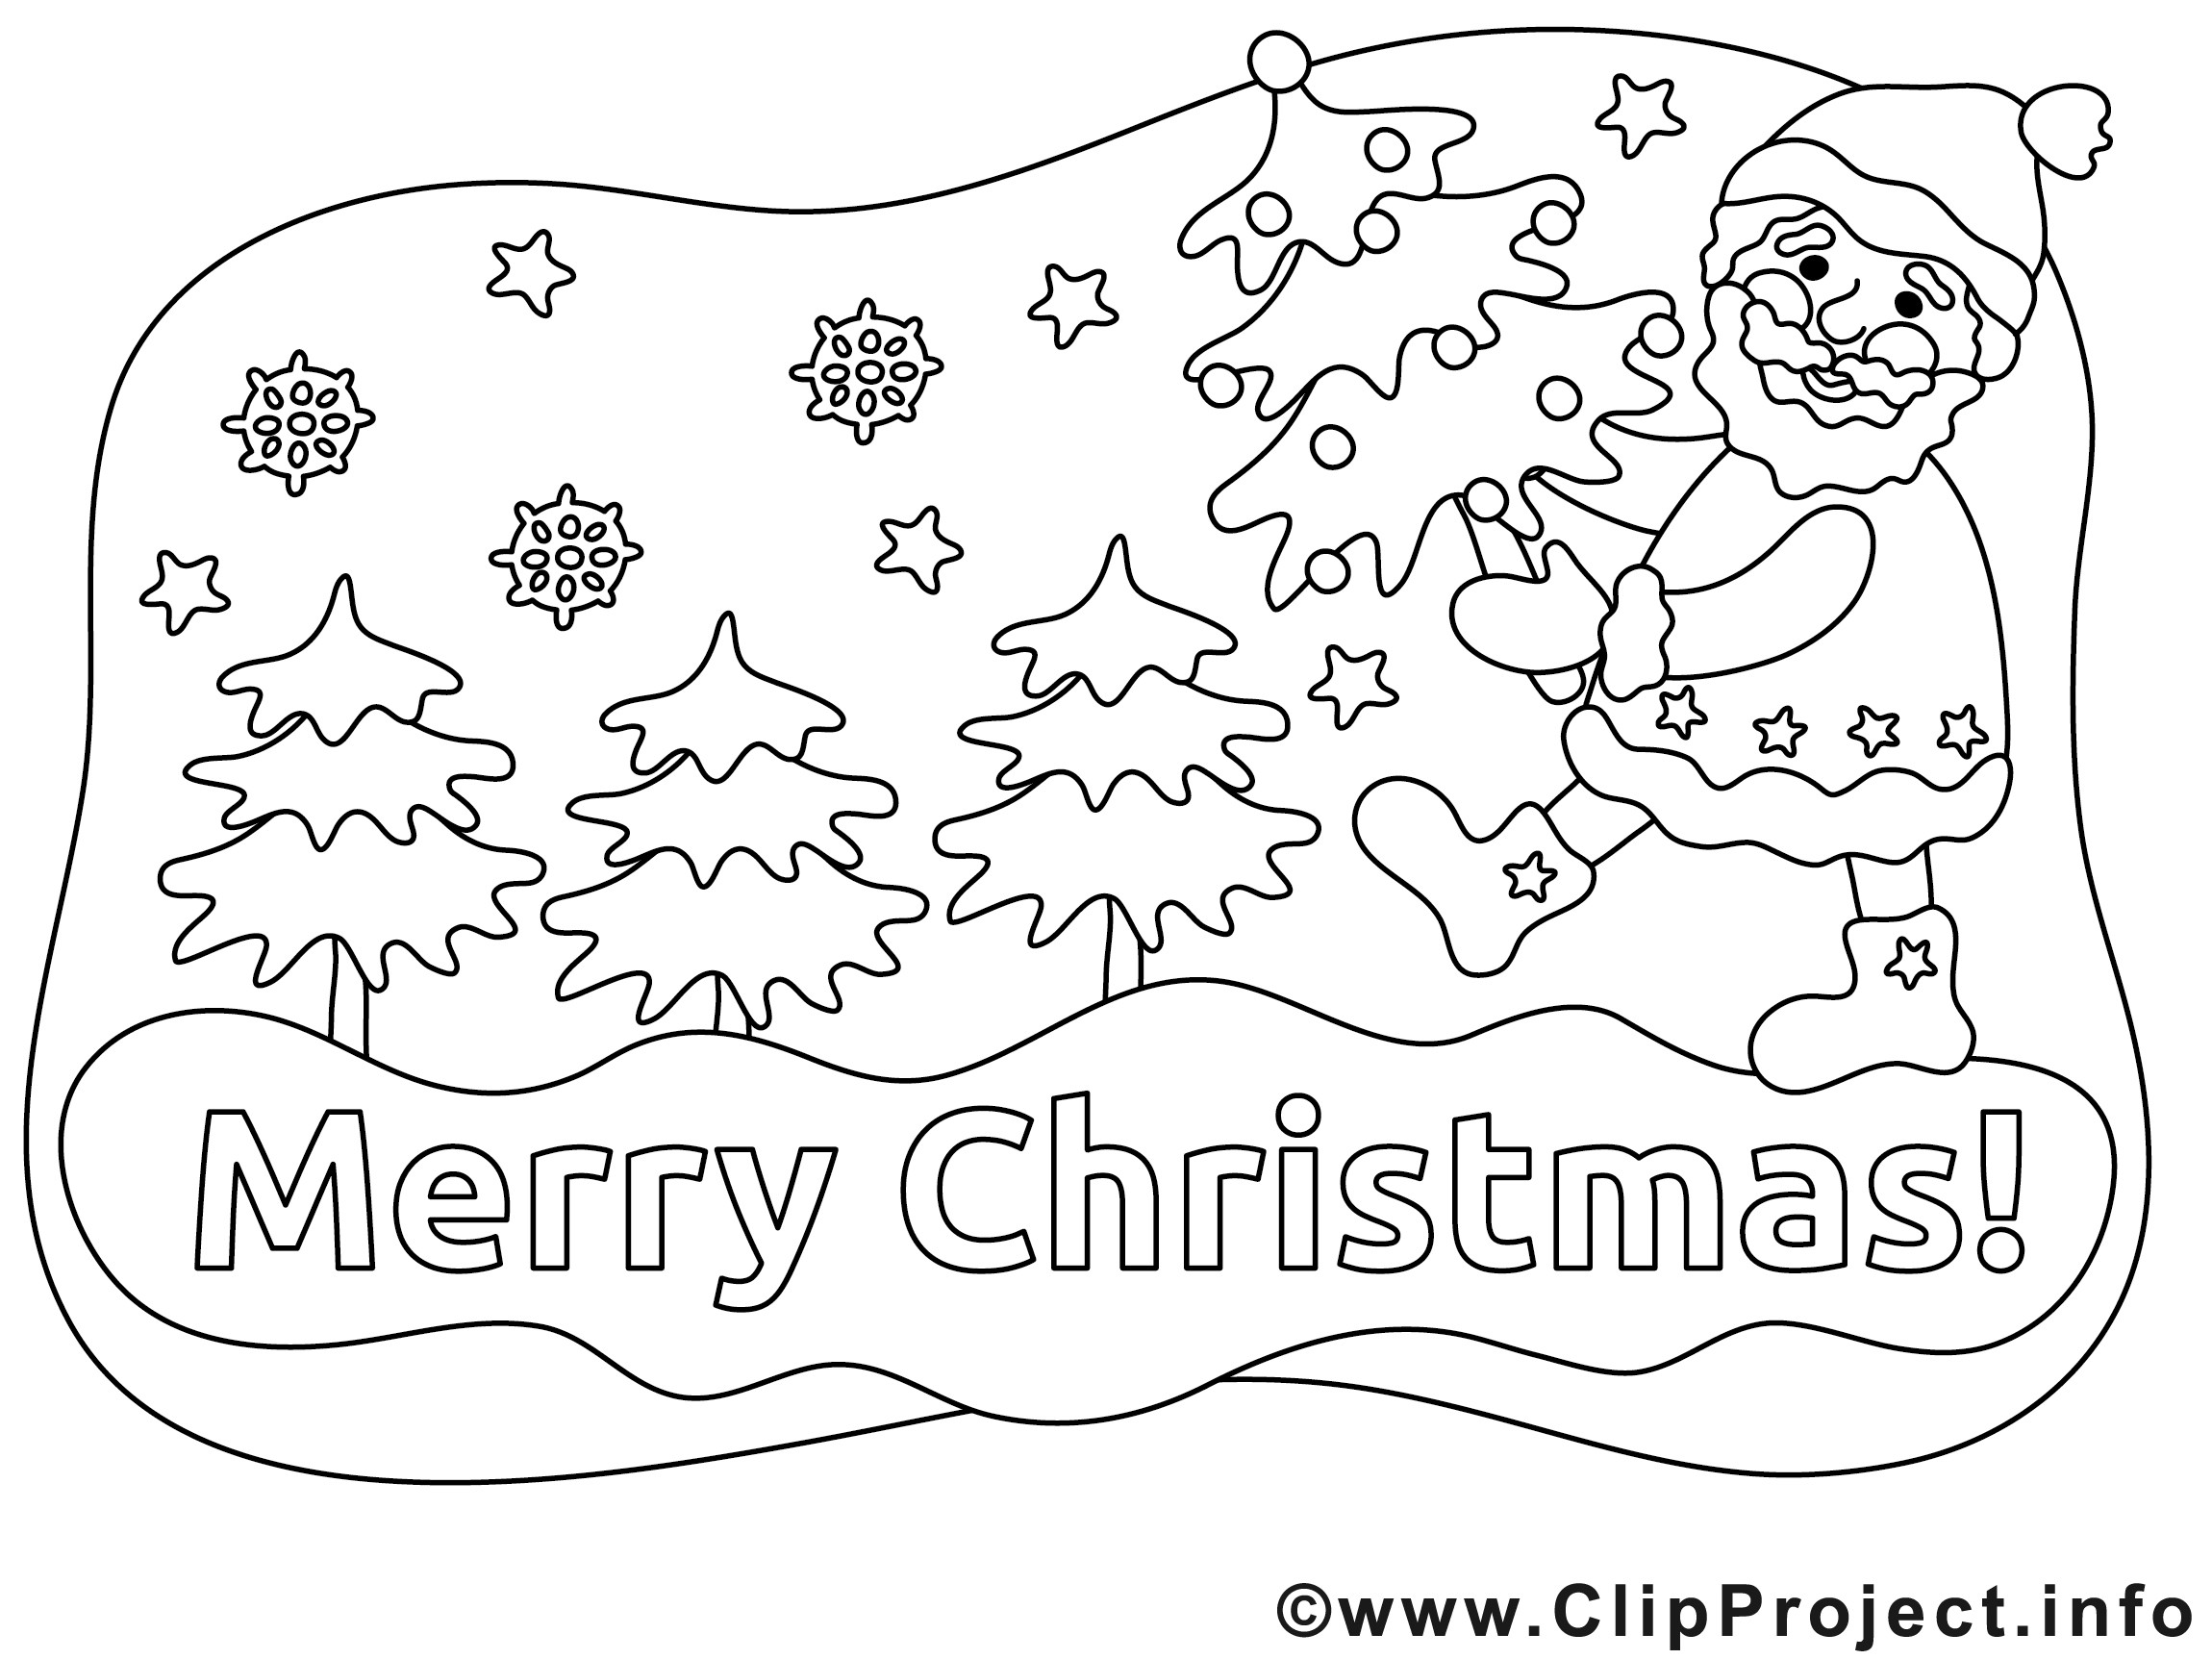 Ausmalbilder Weihnachten Kostenlos Drucken Frisch Weihnachtsbilder Malen Malvorlagen Weihnachten Fotos